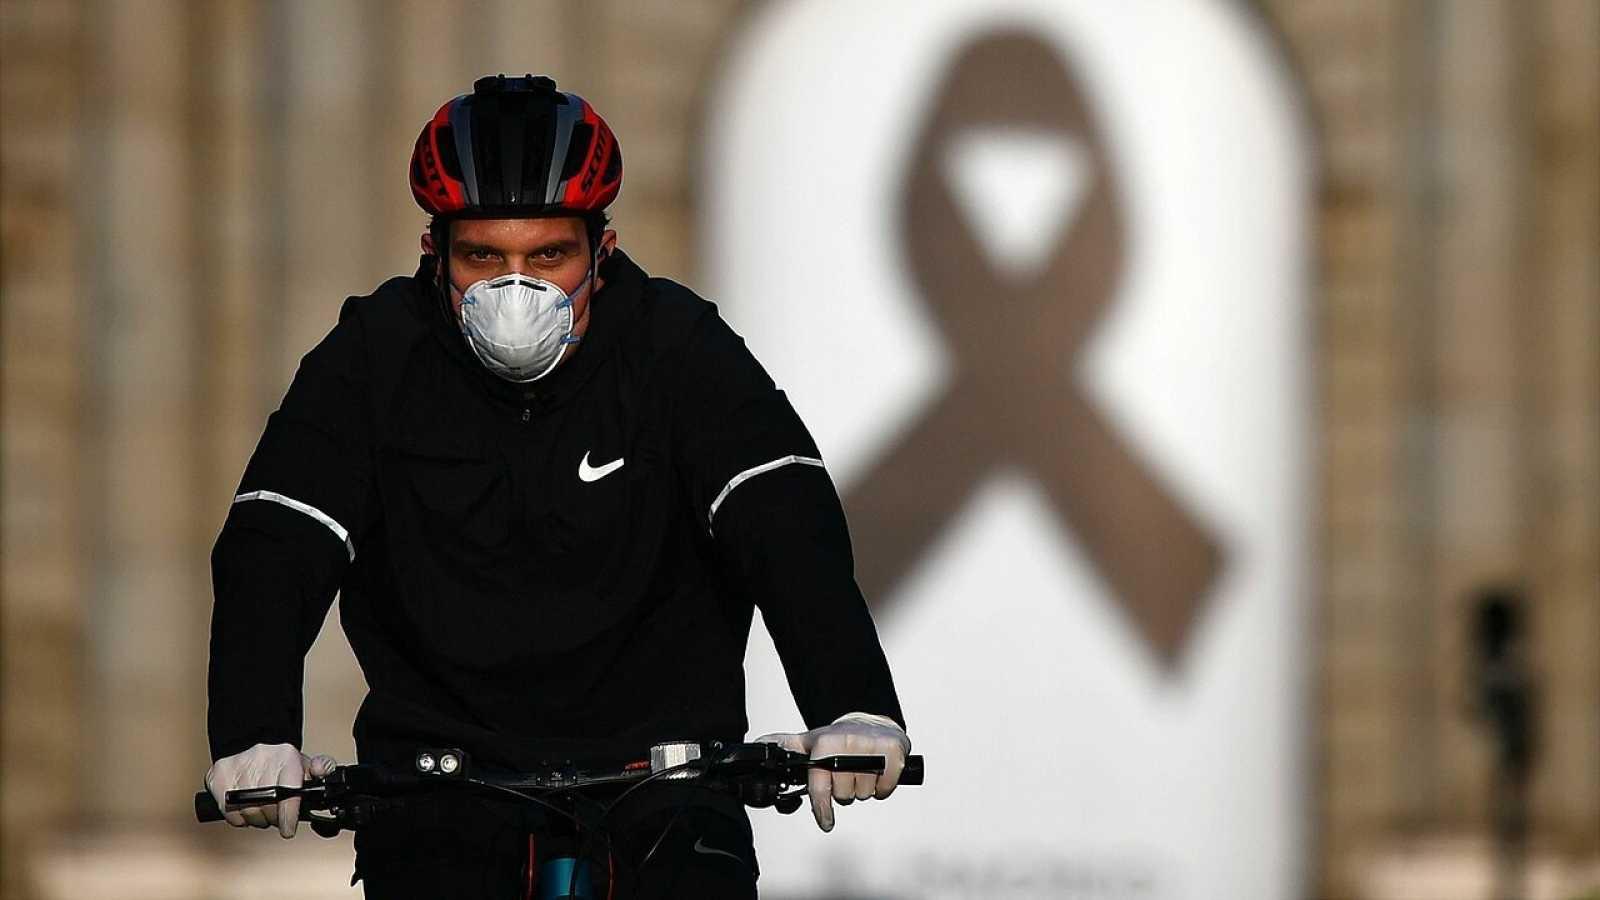 Un ciclista pasa frente a la Puerta de Alcalá, en Madrid, donde se ha colocado un lazo negro como homenaje a las víctimas del coronavirus. Foto: Gabriel BOUYS / AFP.